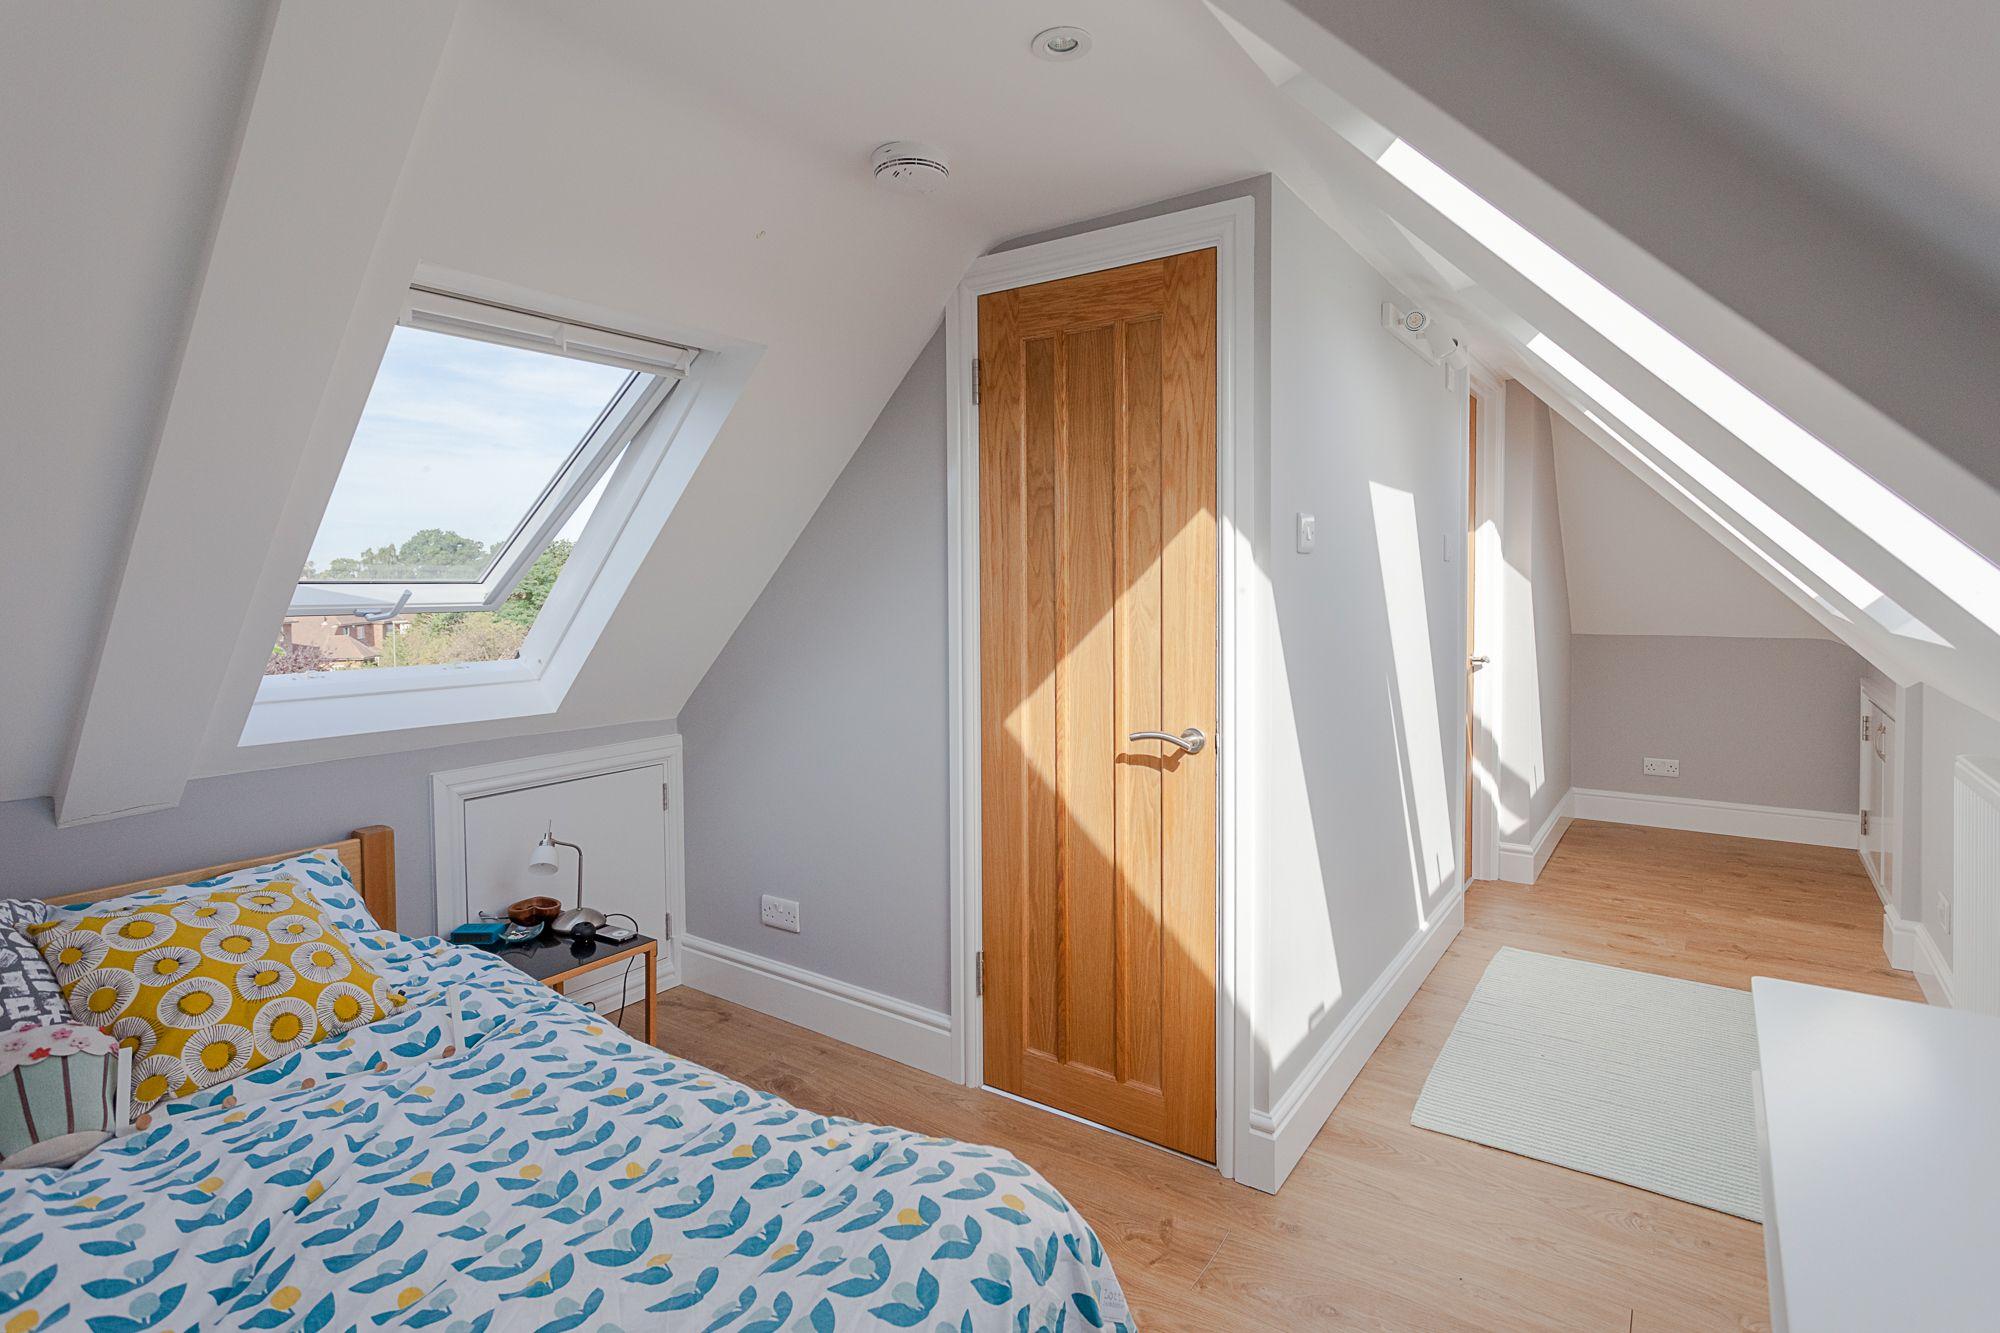 Wohnen  Wohnen, Dachboden-renovierung, Wohnung